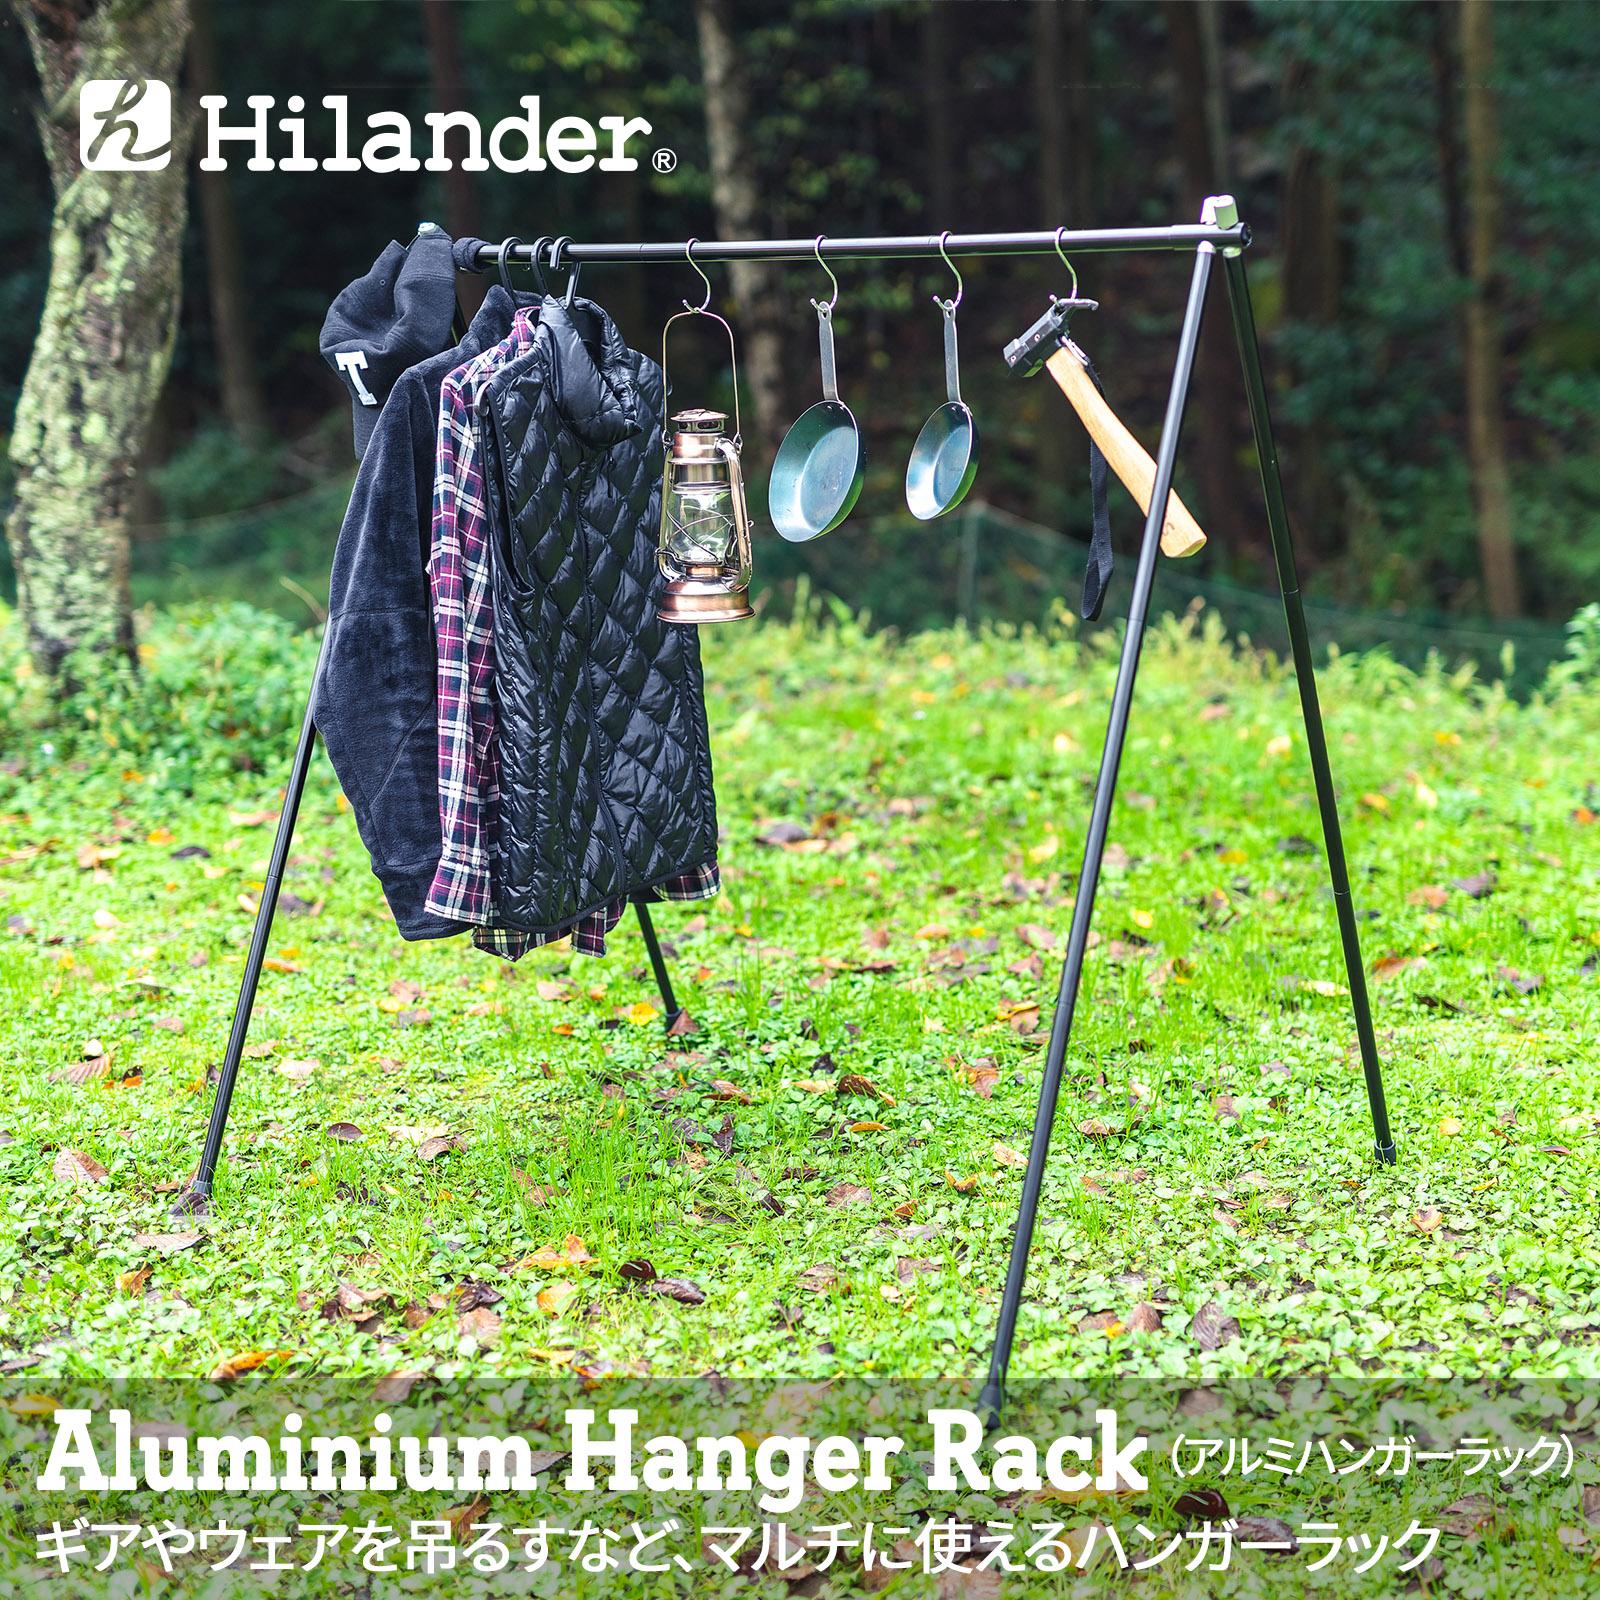 アルミハンガーラック/Hilander(ハイランダー)